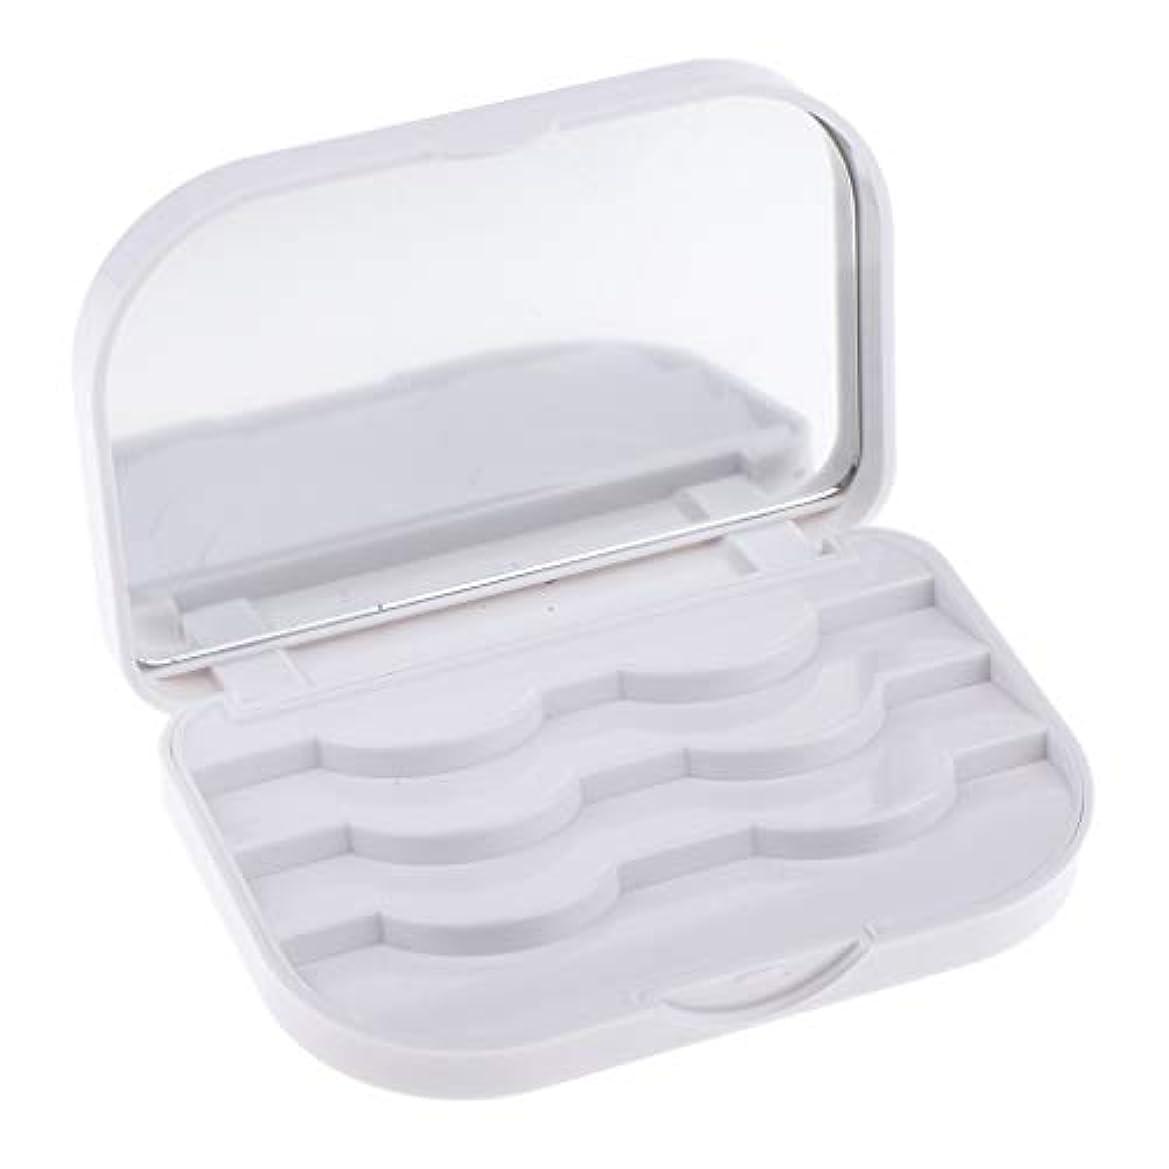 クラシック時壁紙B Blesiya 全3カラー 化粧品収納ケース つけまつげ収納ケース ボックス ミラー付き - ホワイト